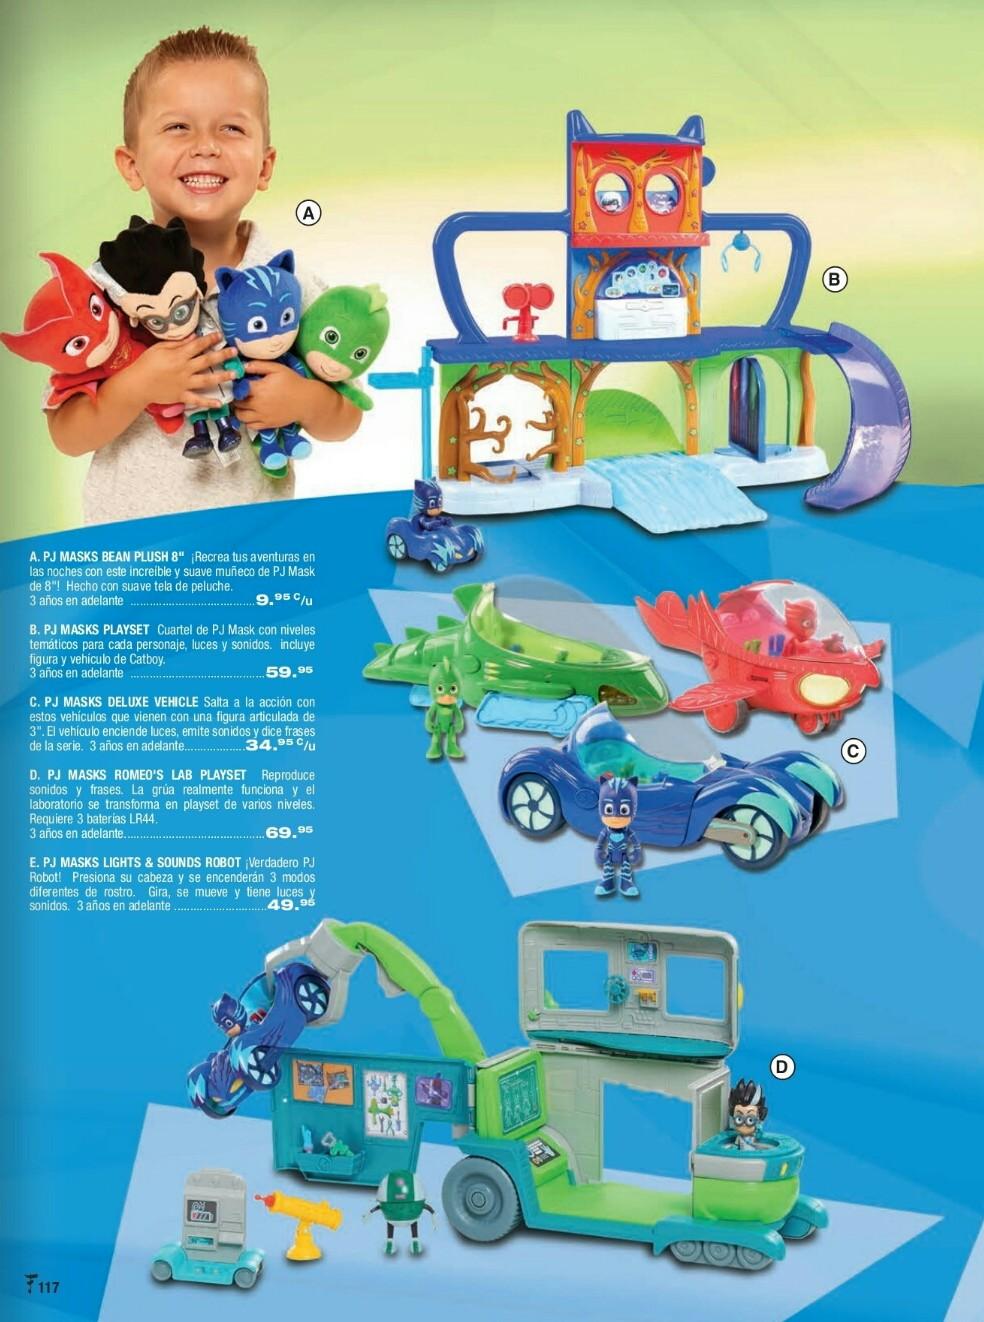 Catalogo juguetes Felix B Maduro 2018 p117